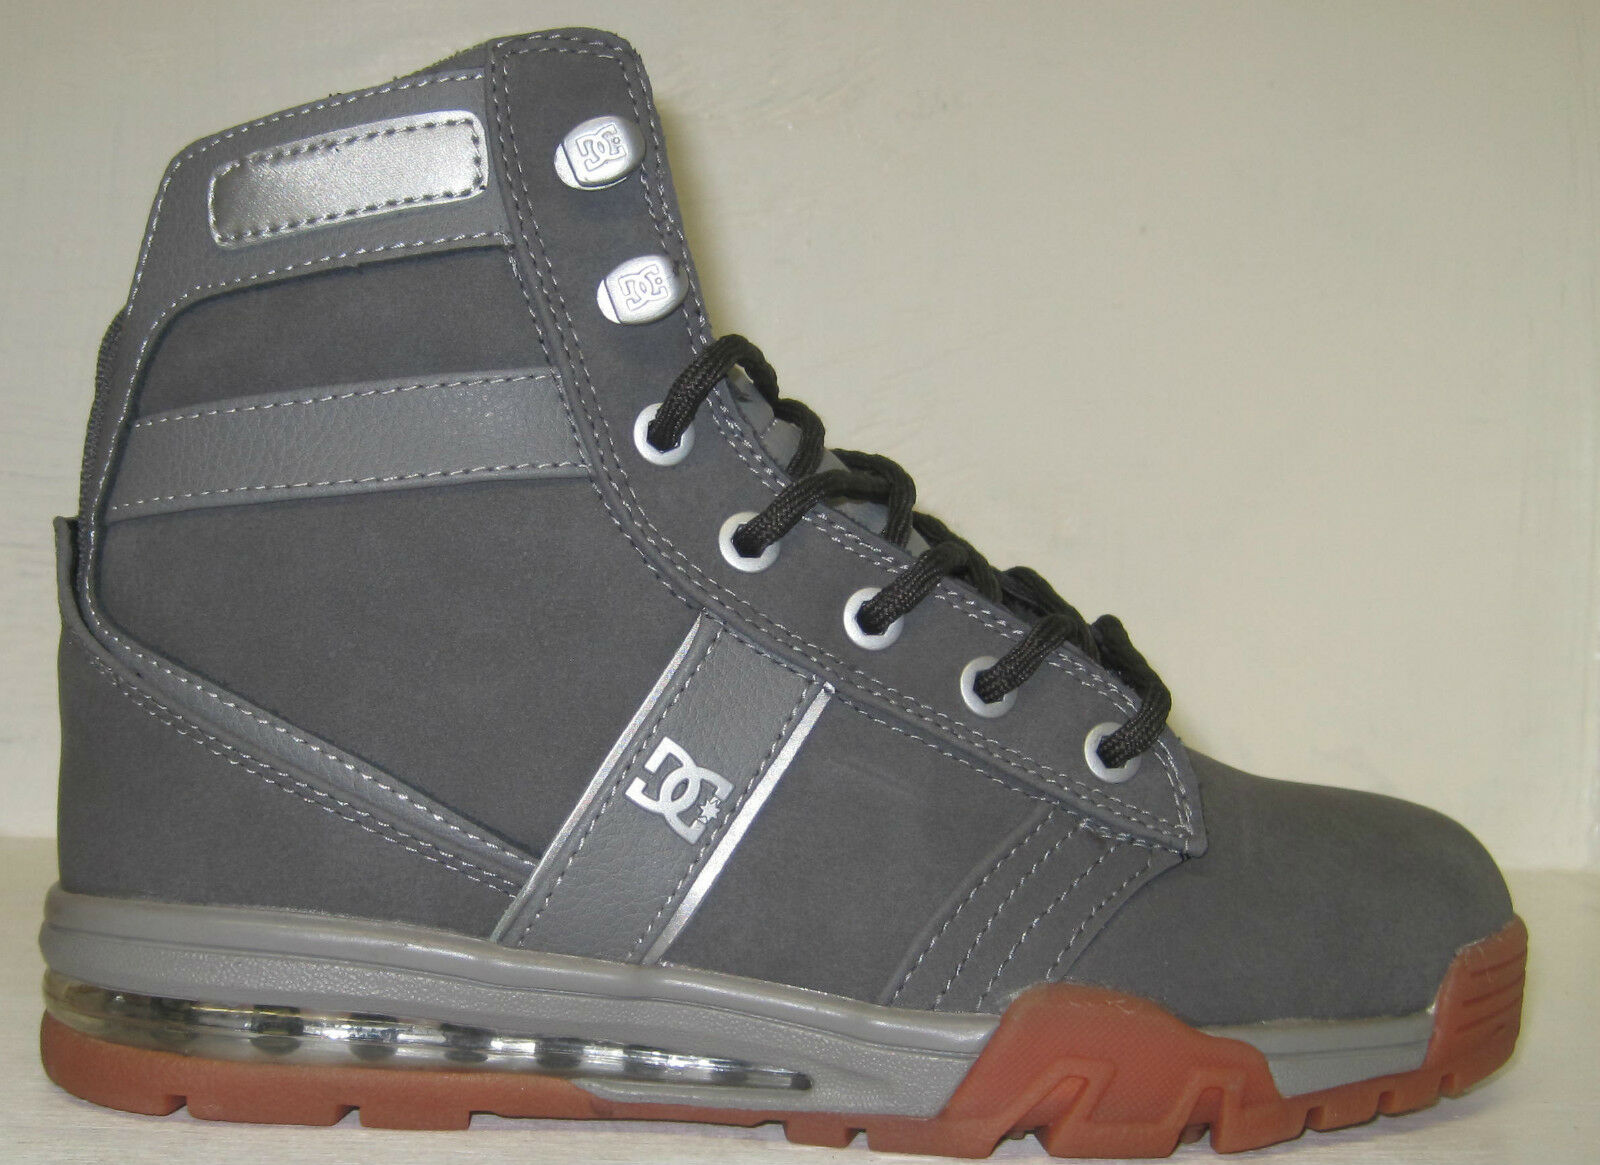 Dc men& 039;s lieutenant wr sneaker, grey gum sizes 6 & 6.5 M US